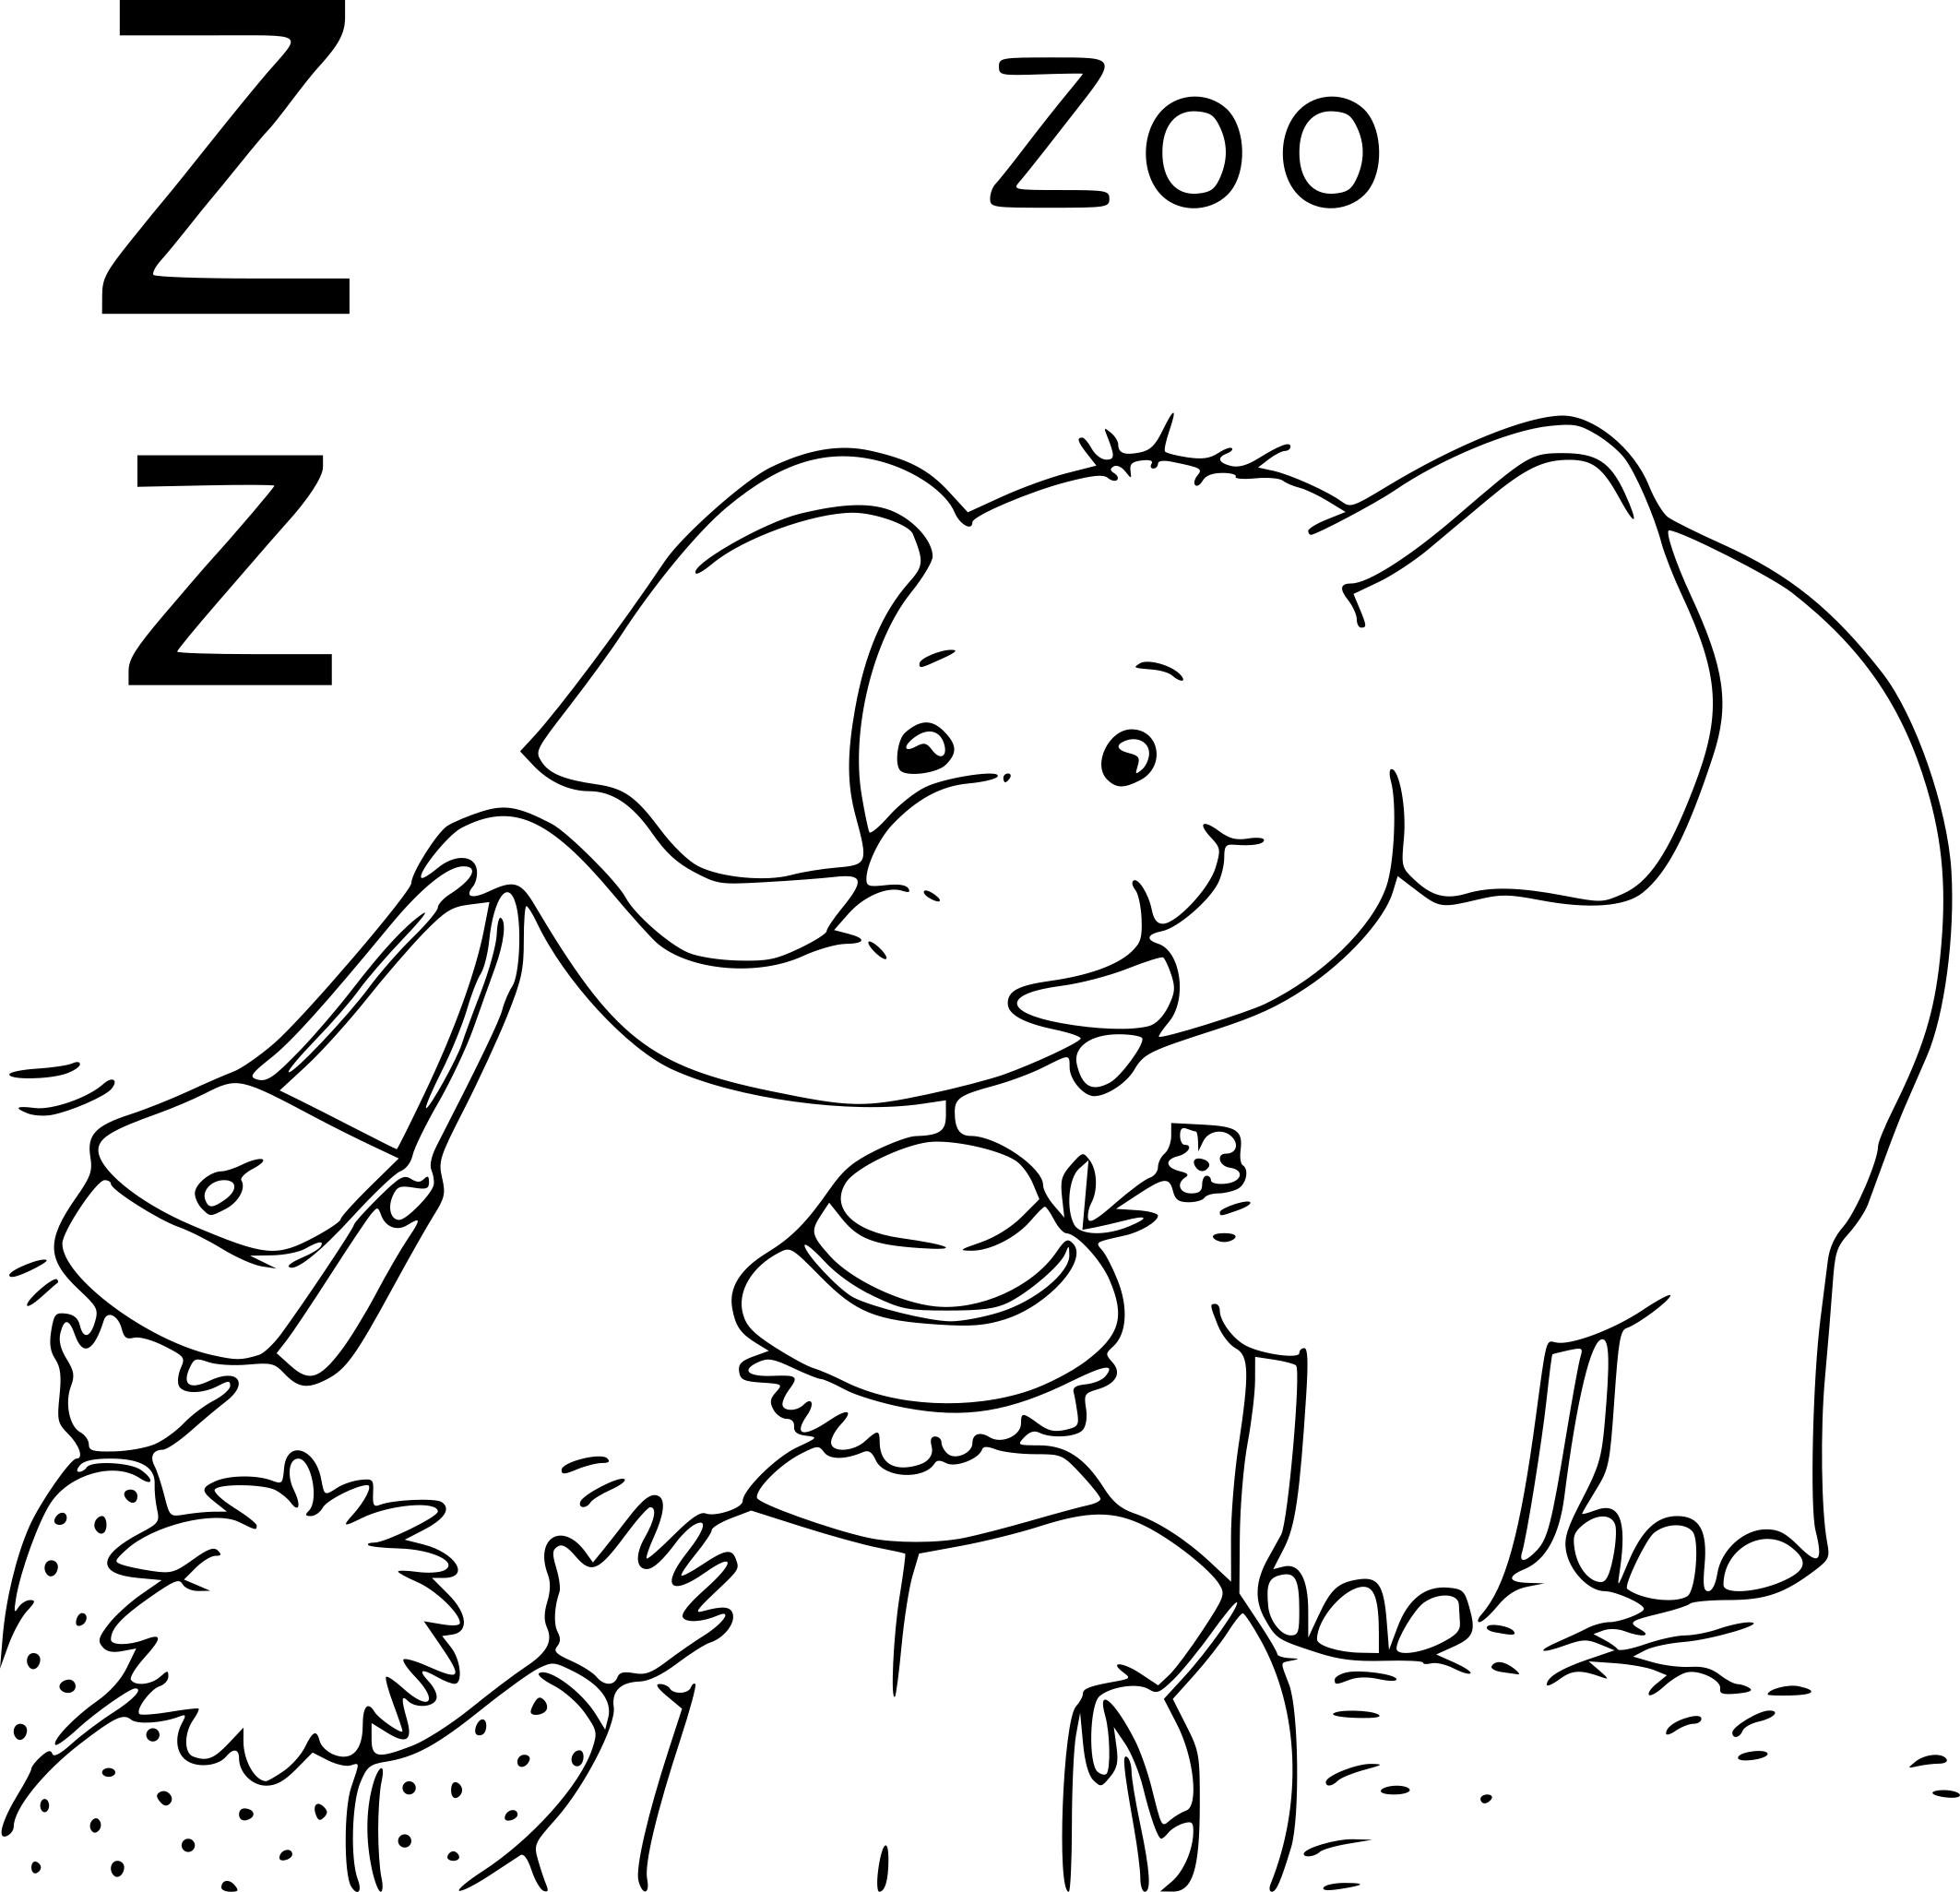 Meilleur De Dessin A Colorier Le Zoo